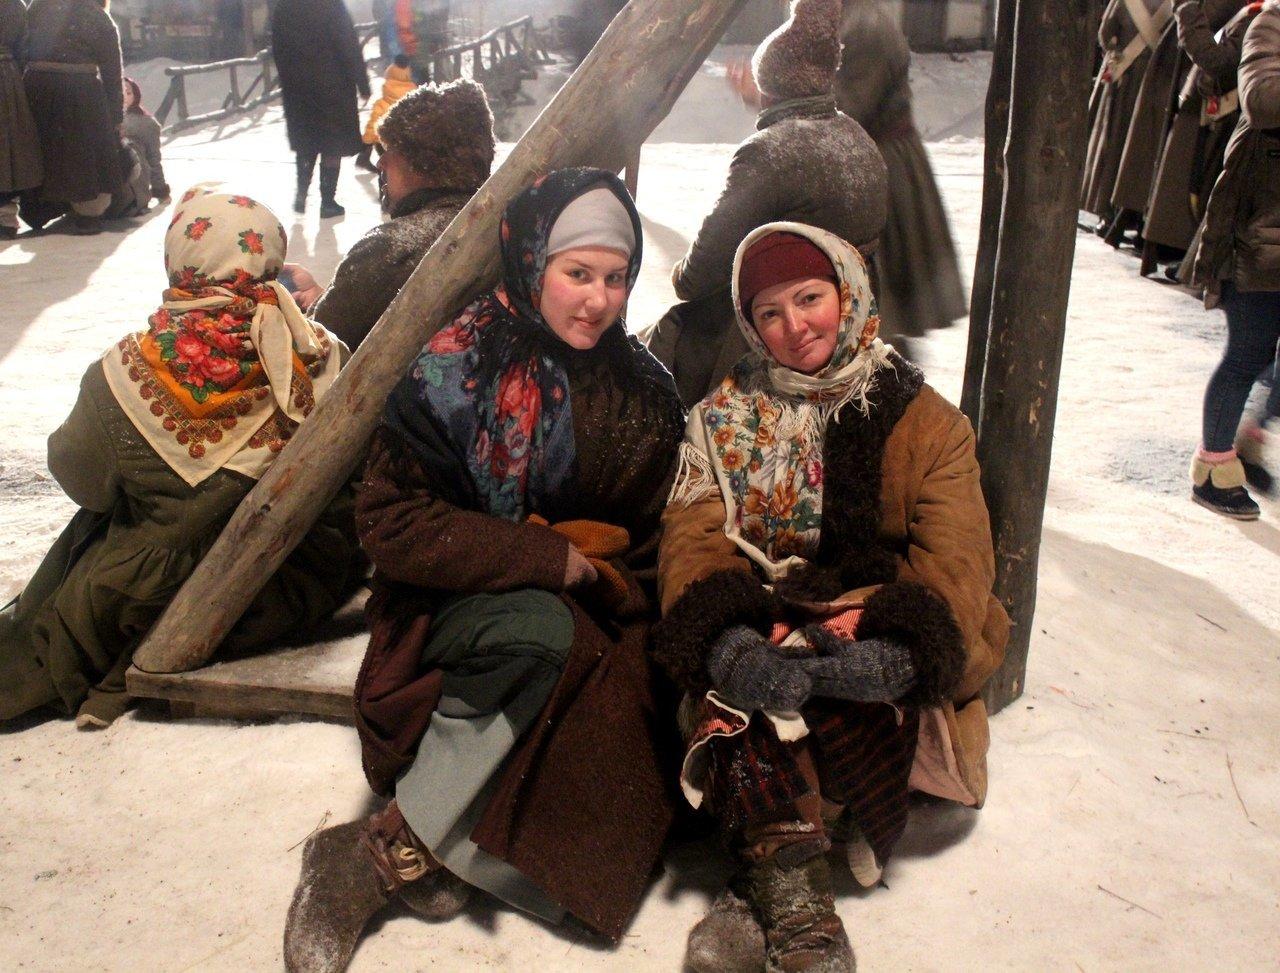 Построенная для съёмок фильма деревня под Белгородом может стать туристическим объектом, фото-3